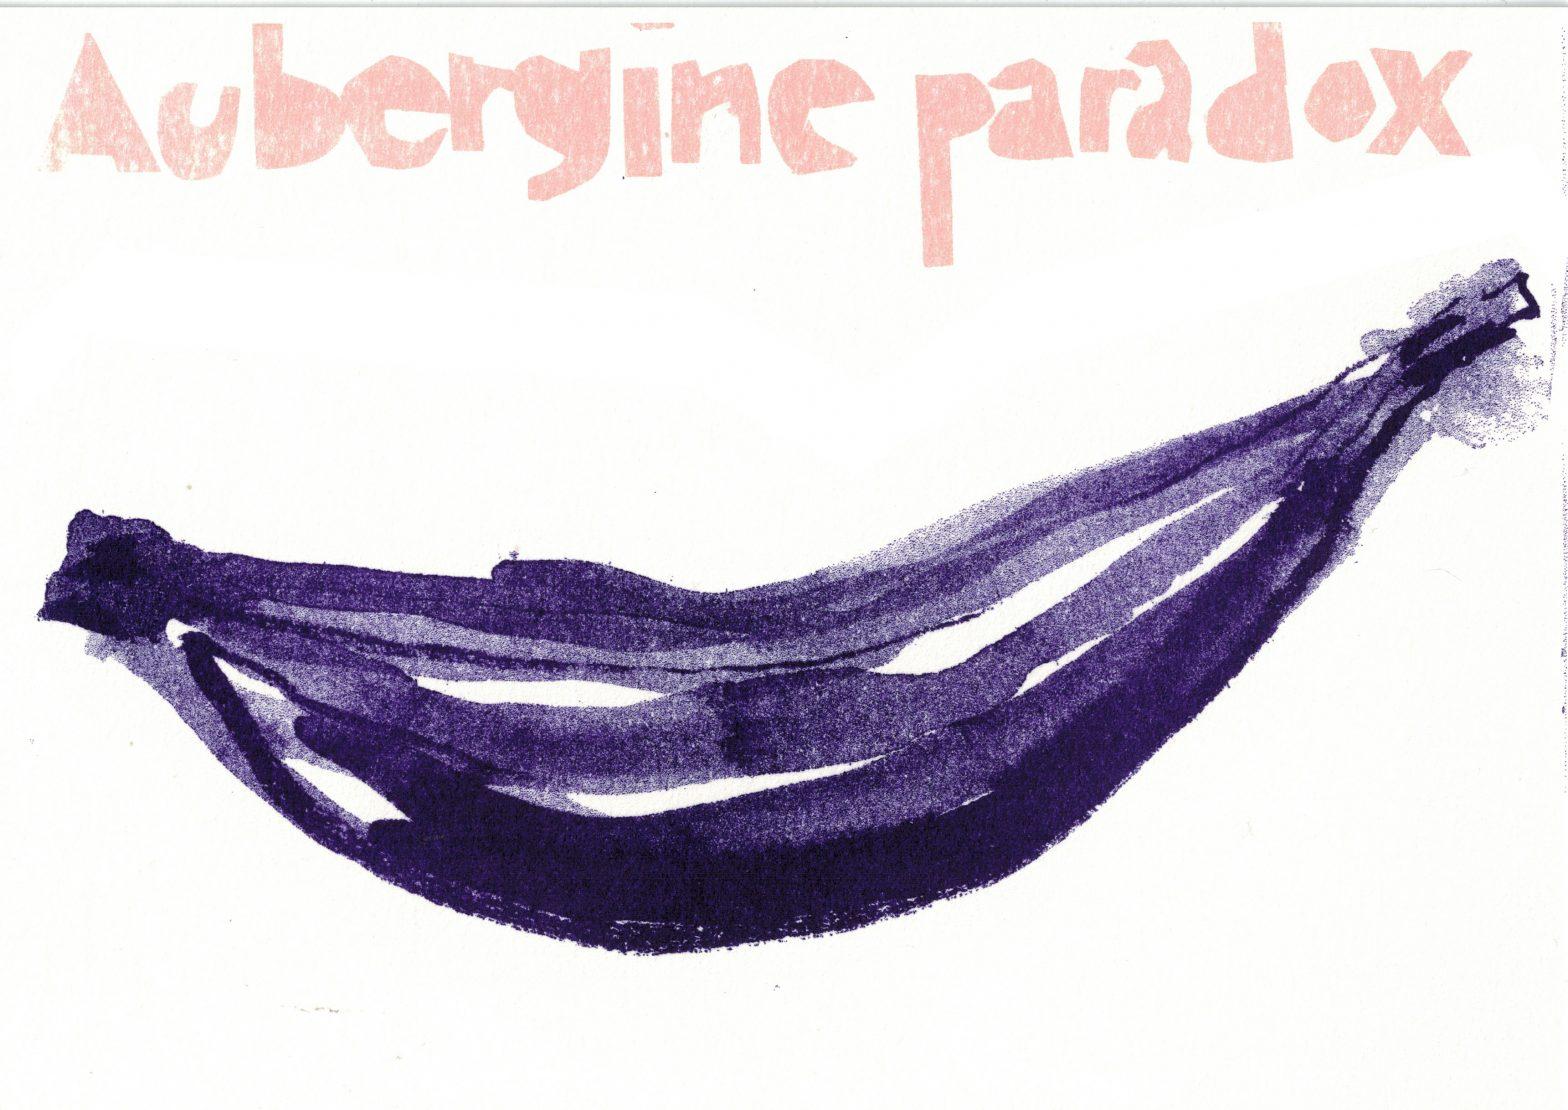 Aubergine paradox